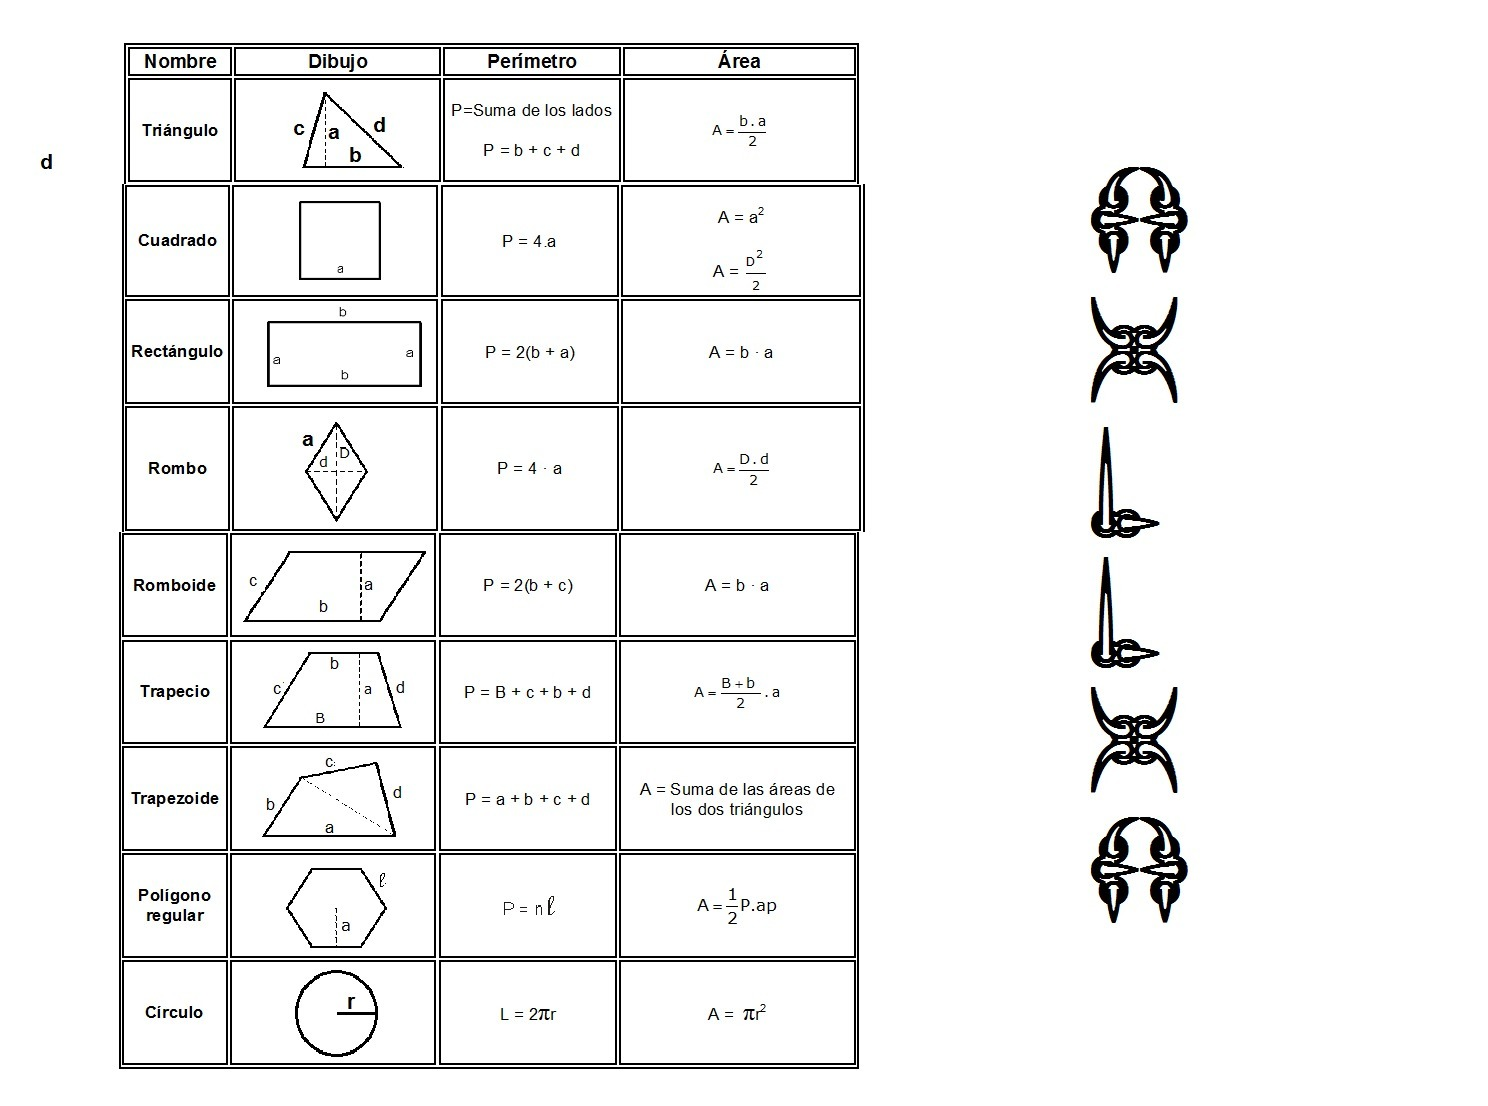 Necesito todas las figuras geométricas posibles, con su